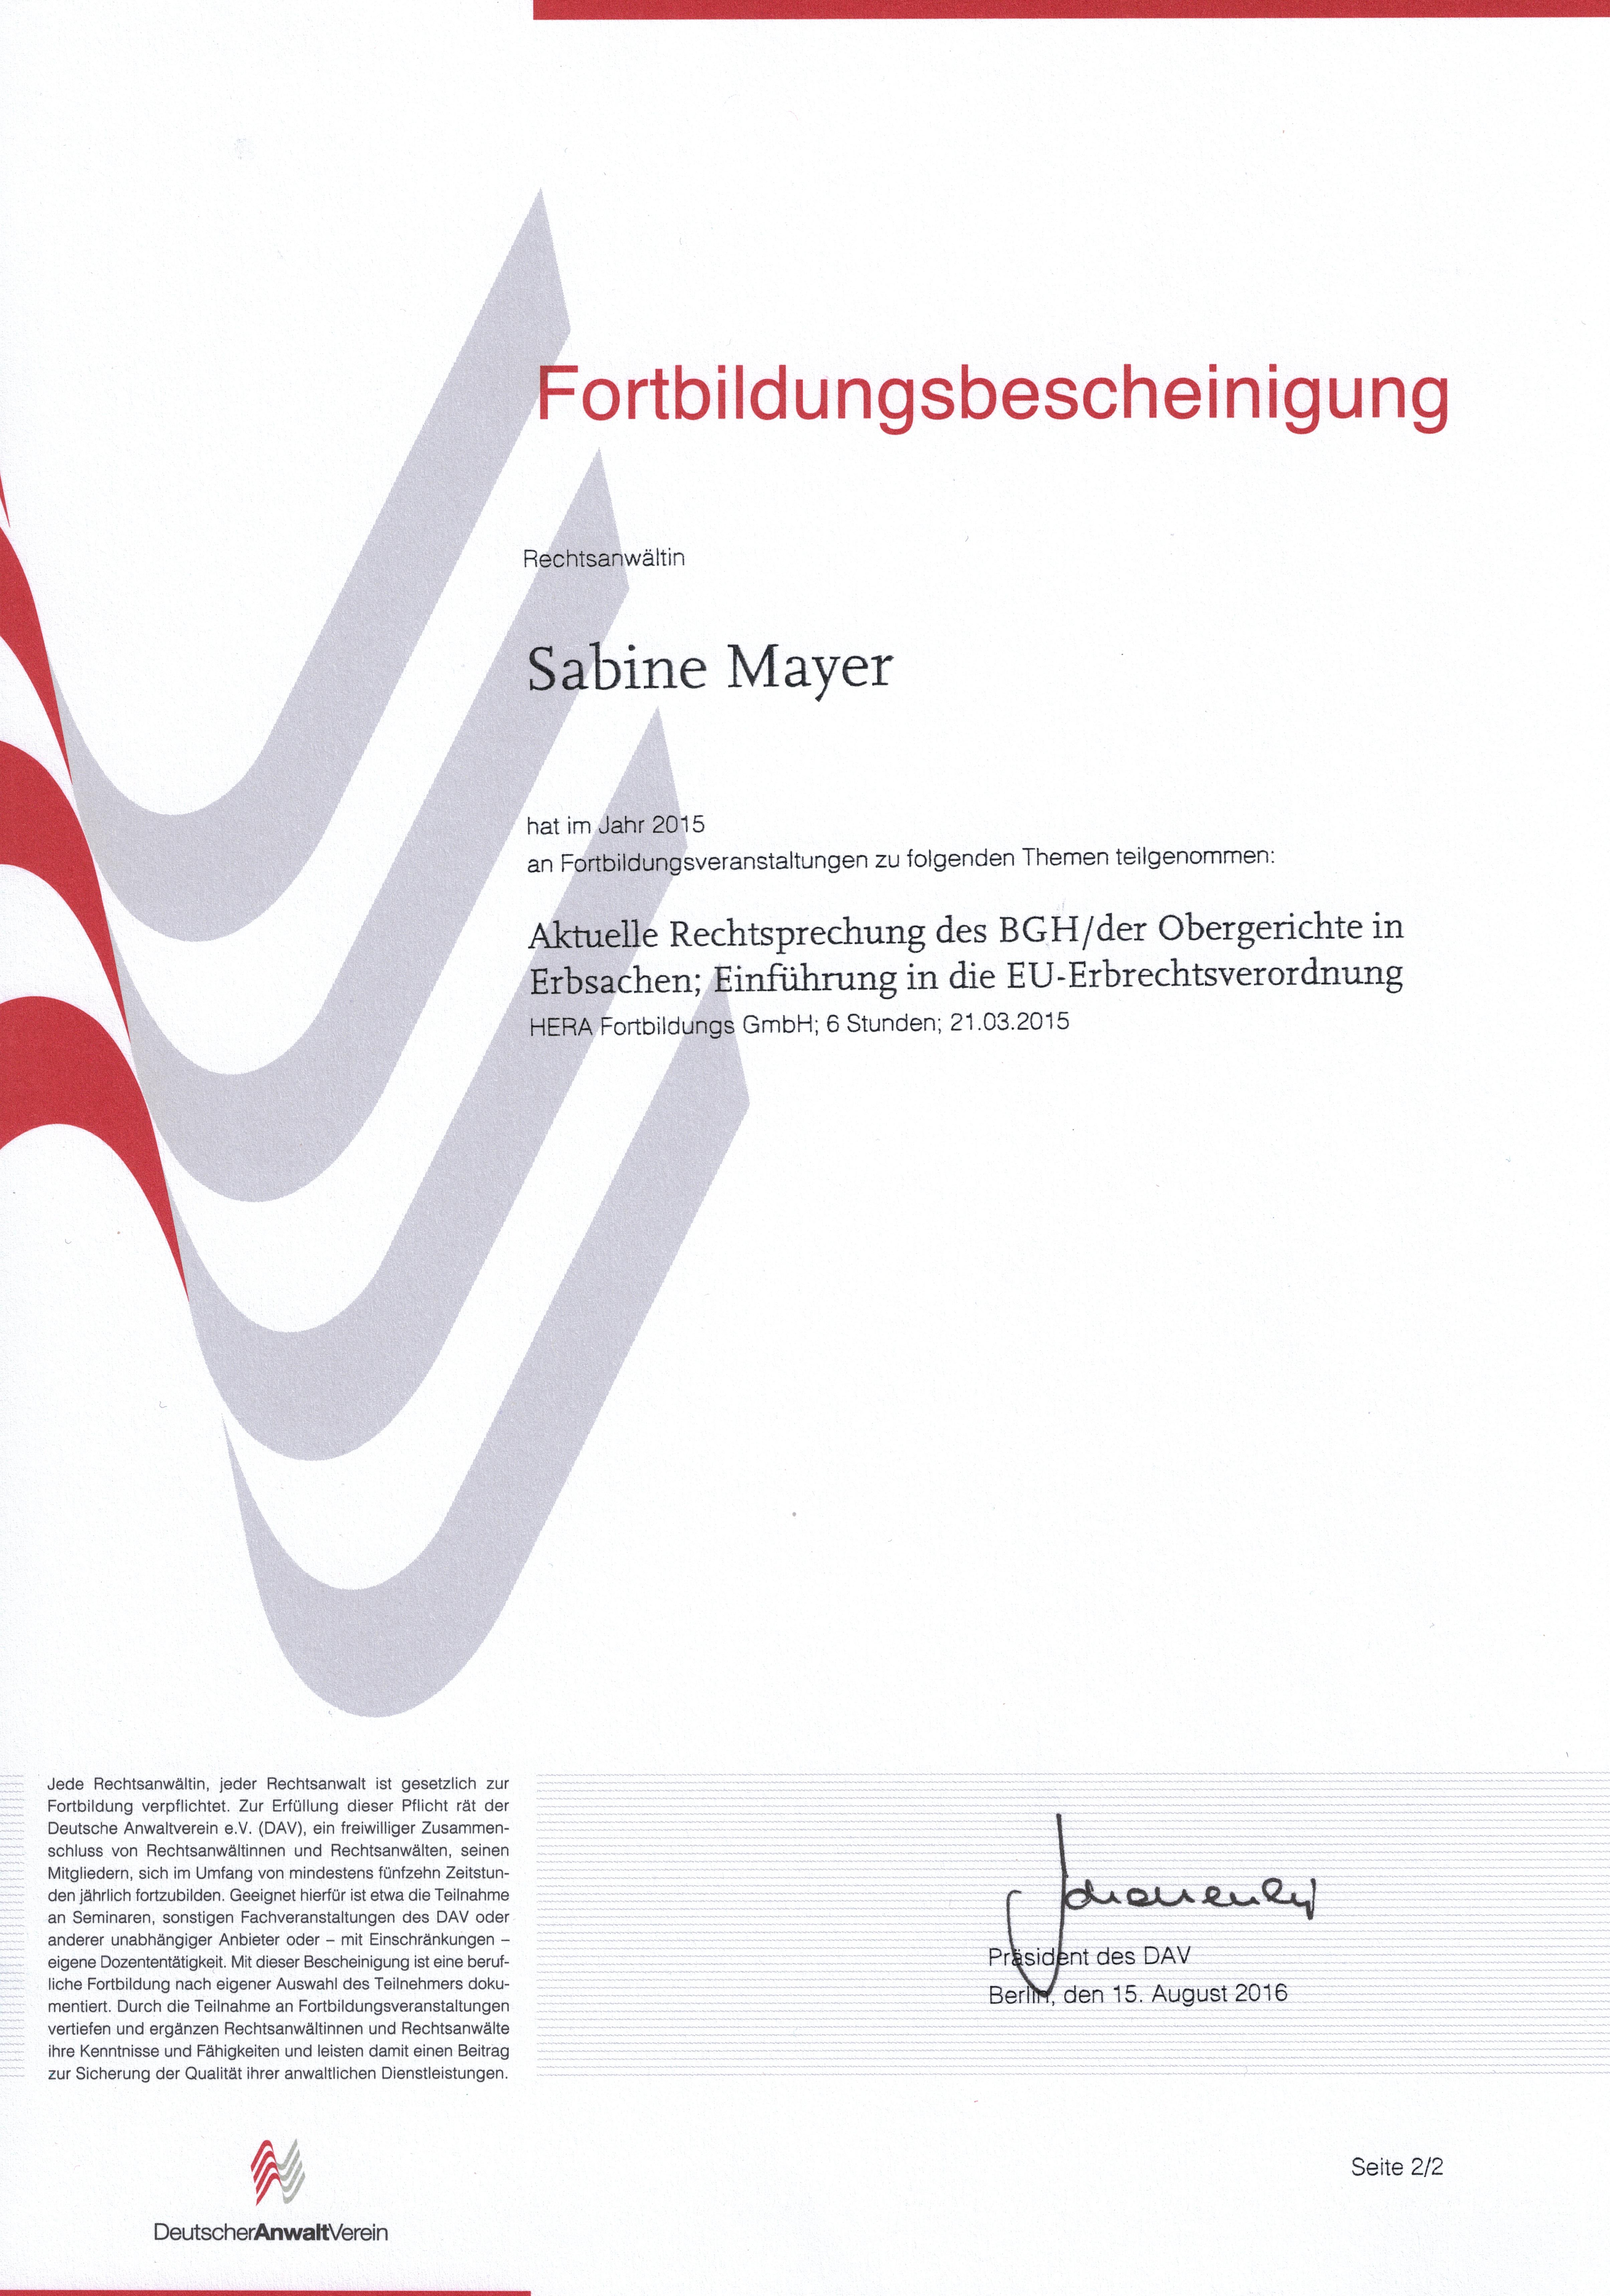 Fortbildungsbescheinigung-2015-2